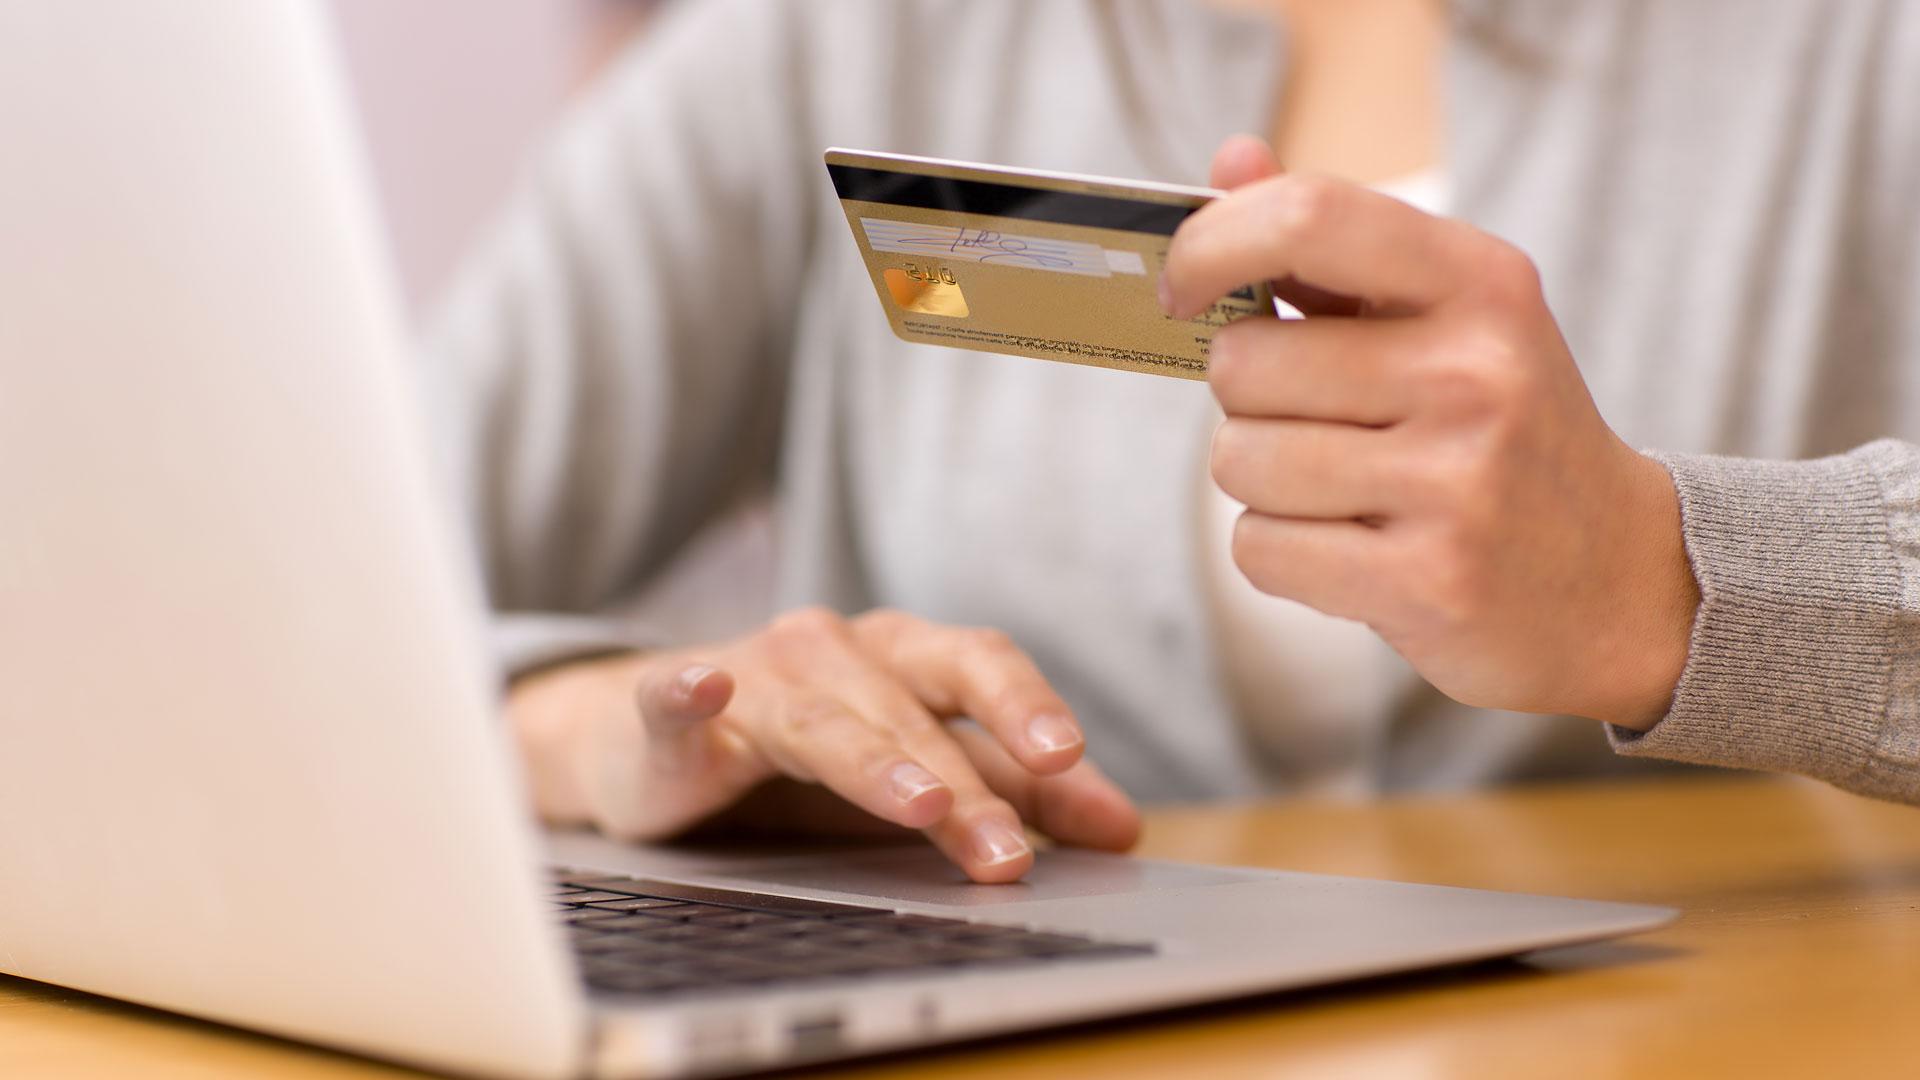 El cepo cambiario fue el comienzo para nuevos controles en las compras. (Shutterstock)